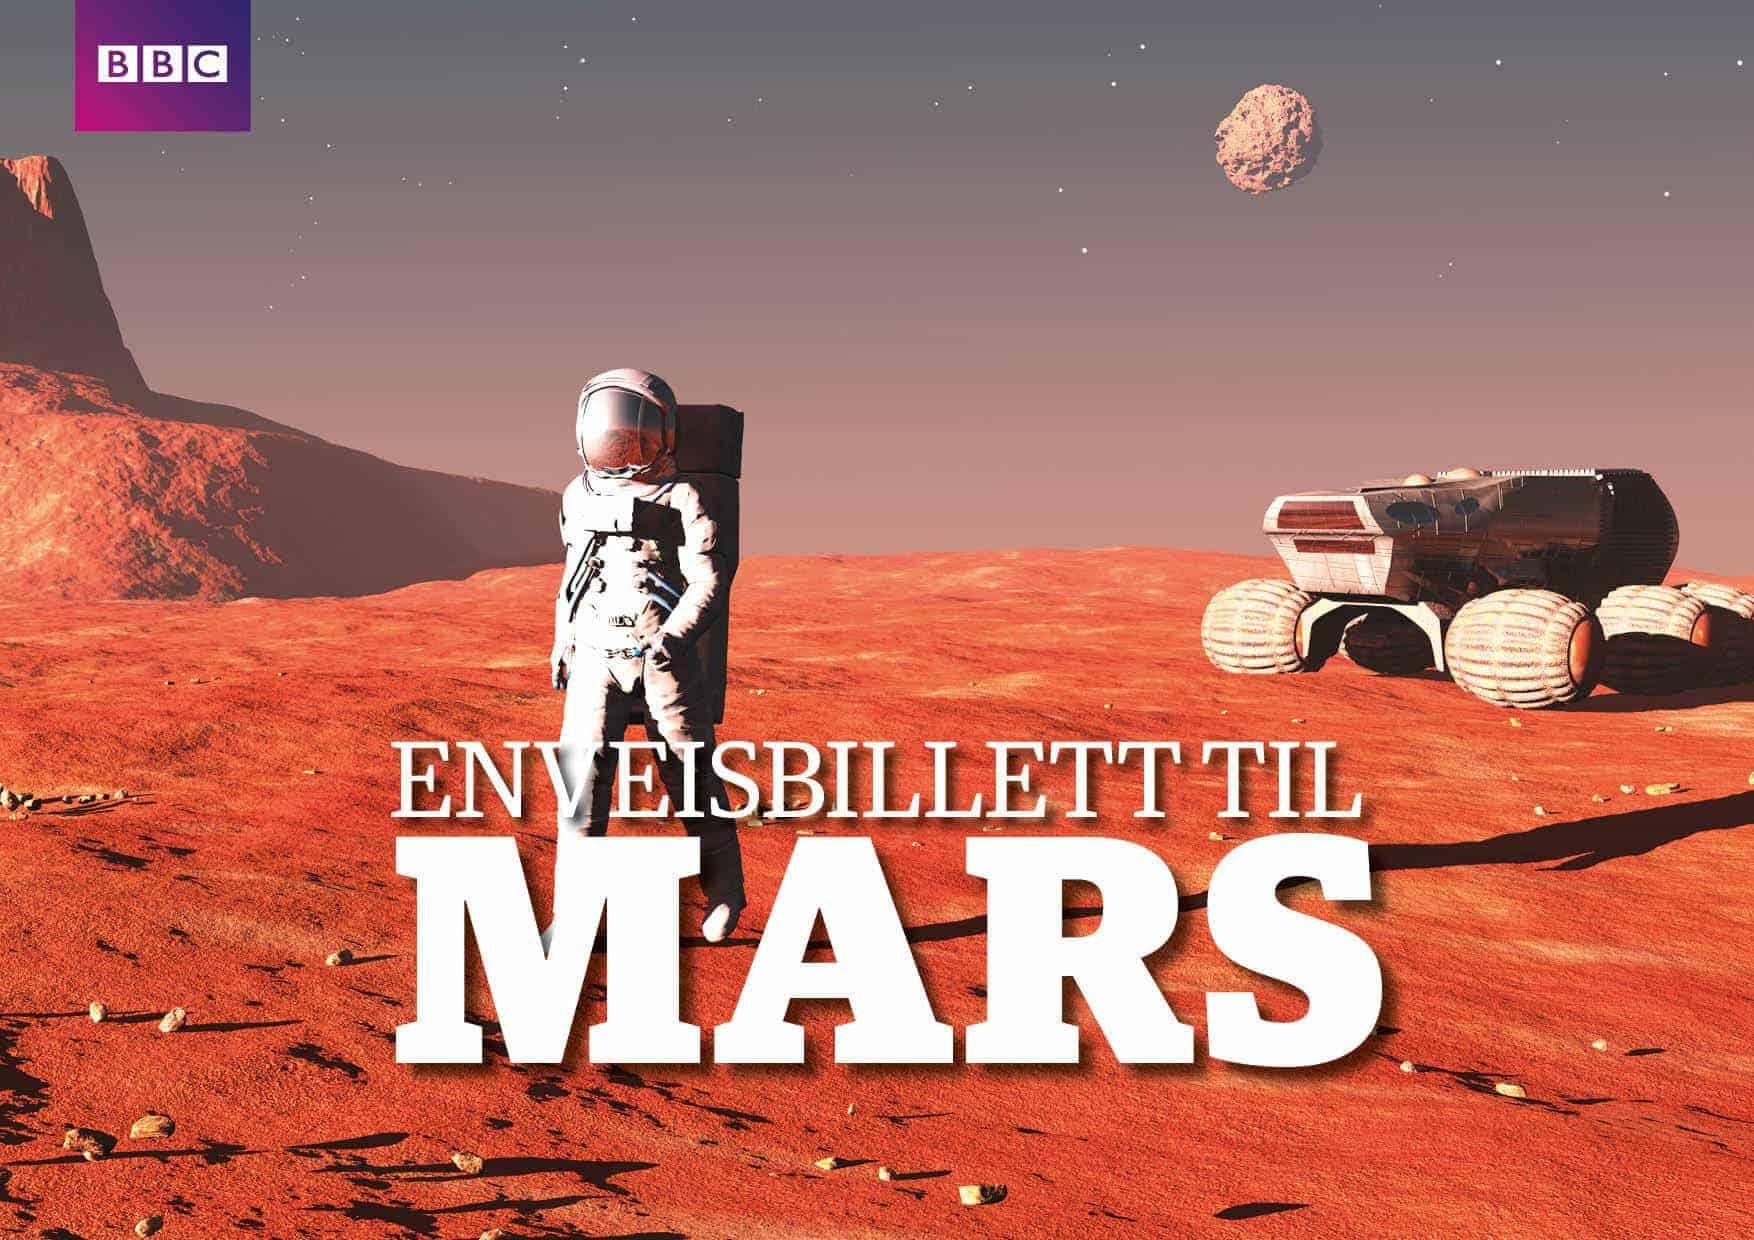 Enveisbillett til Mars